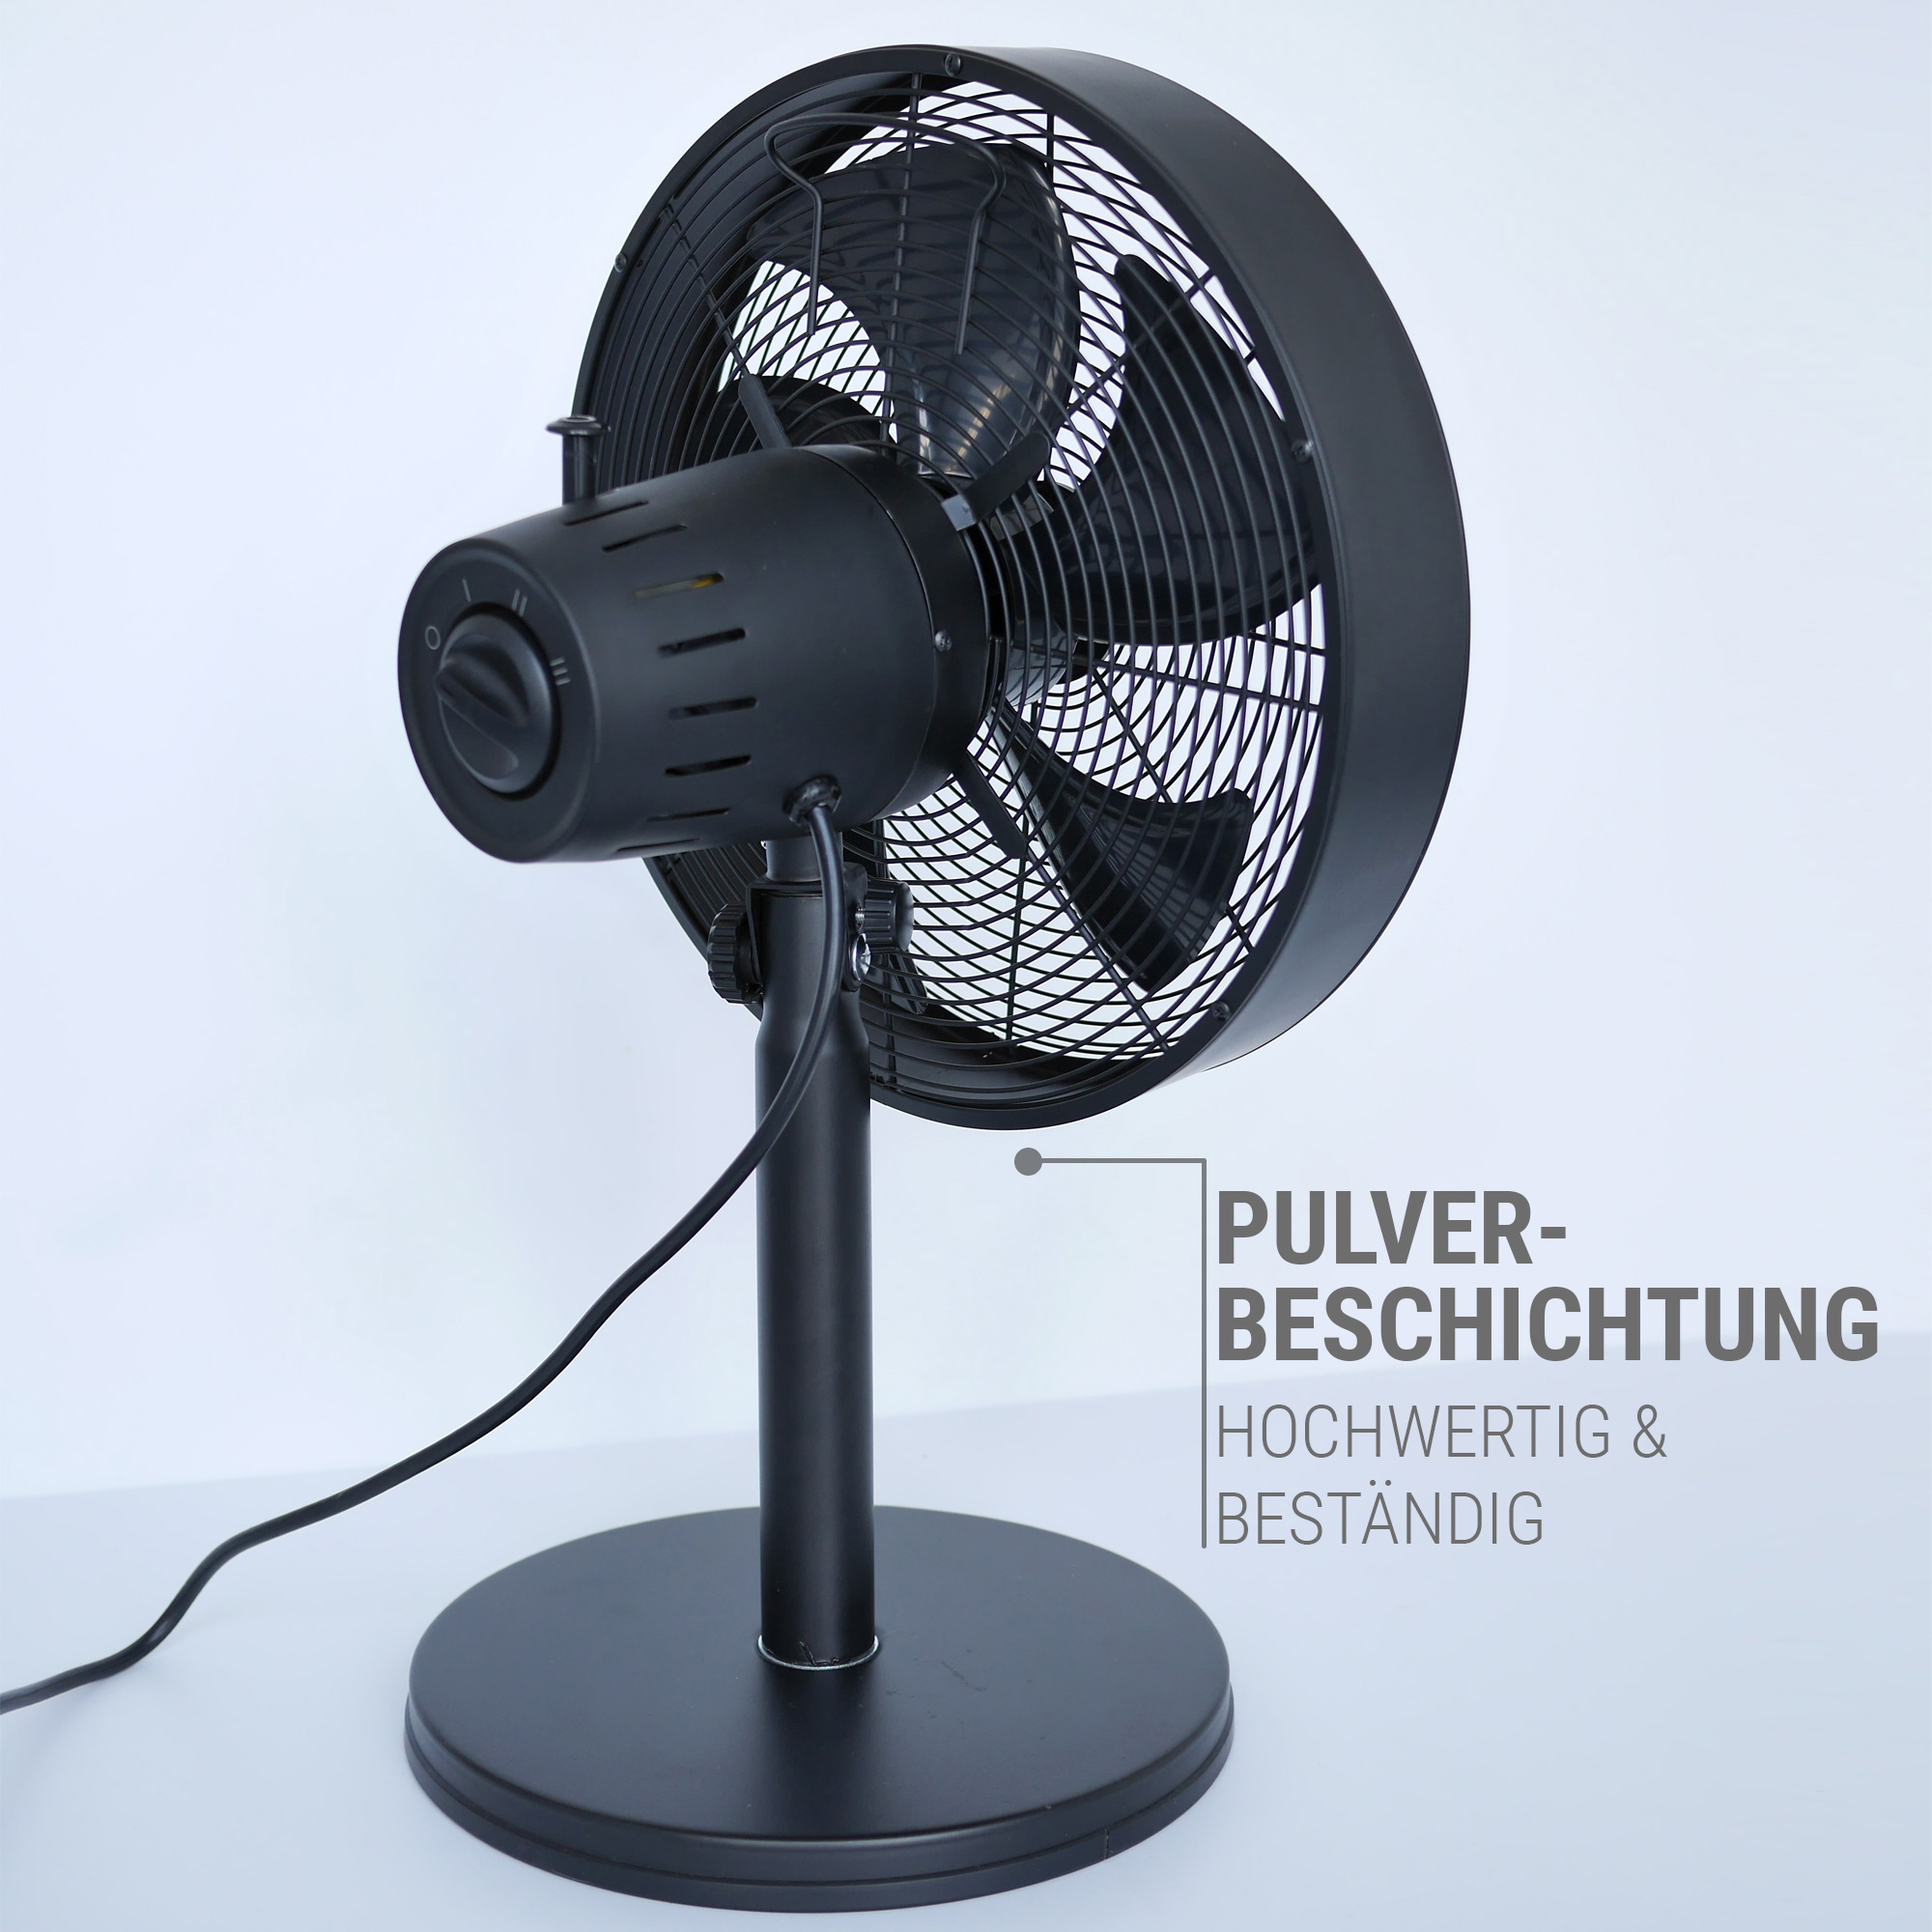 Tischventilator Metall Pulverbeschichtung schwarz beseht Test der Zeit